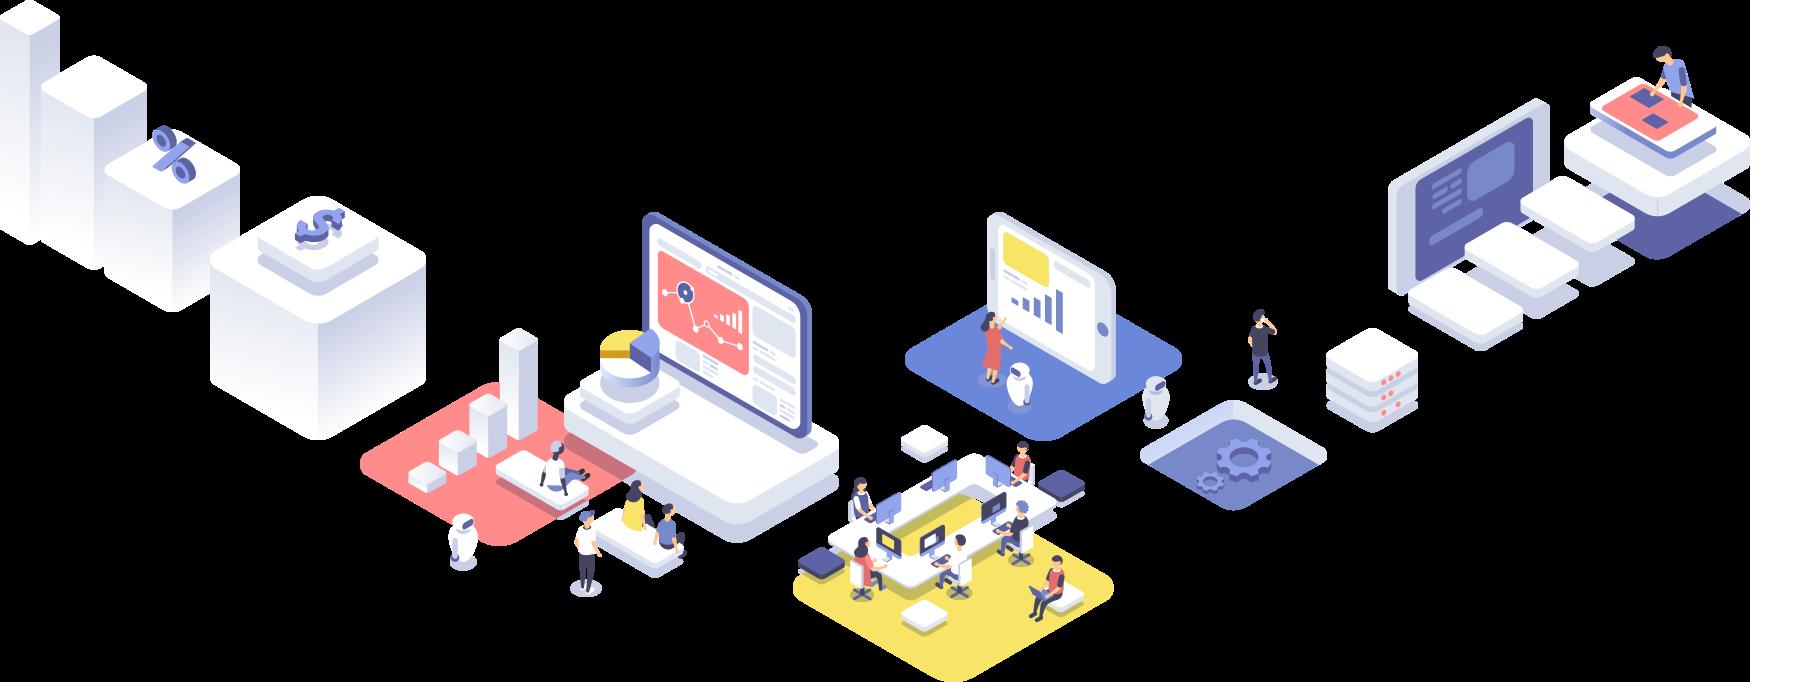 startup-03-image-01